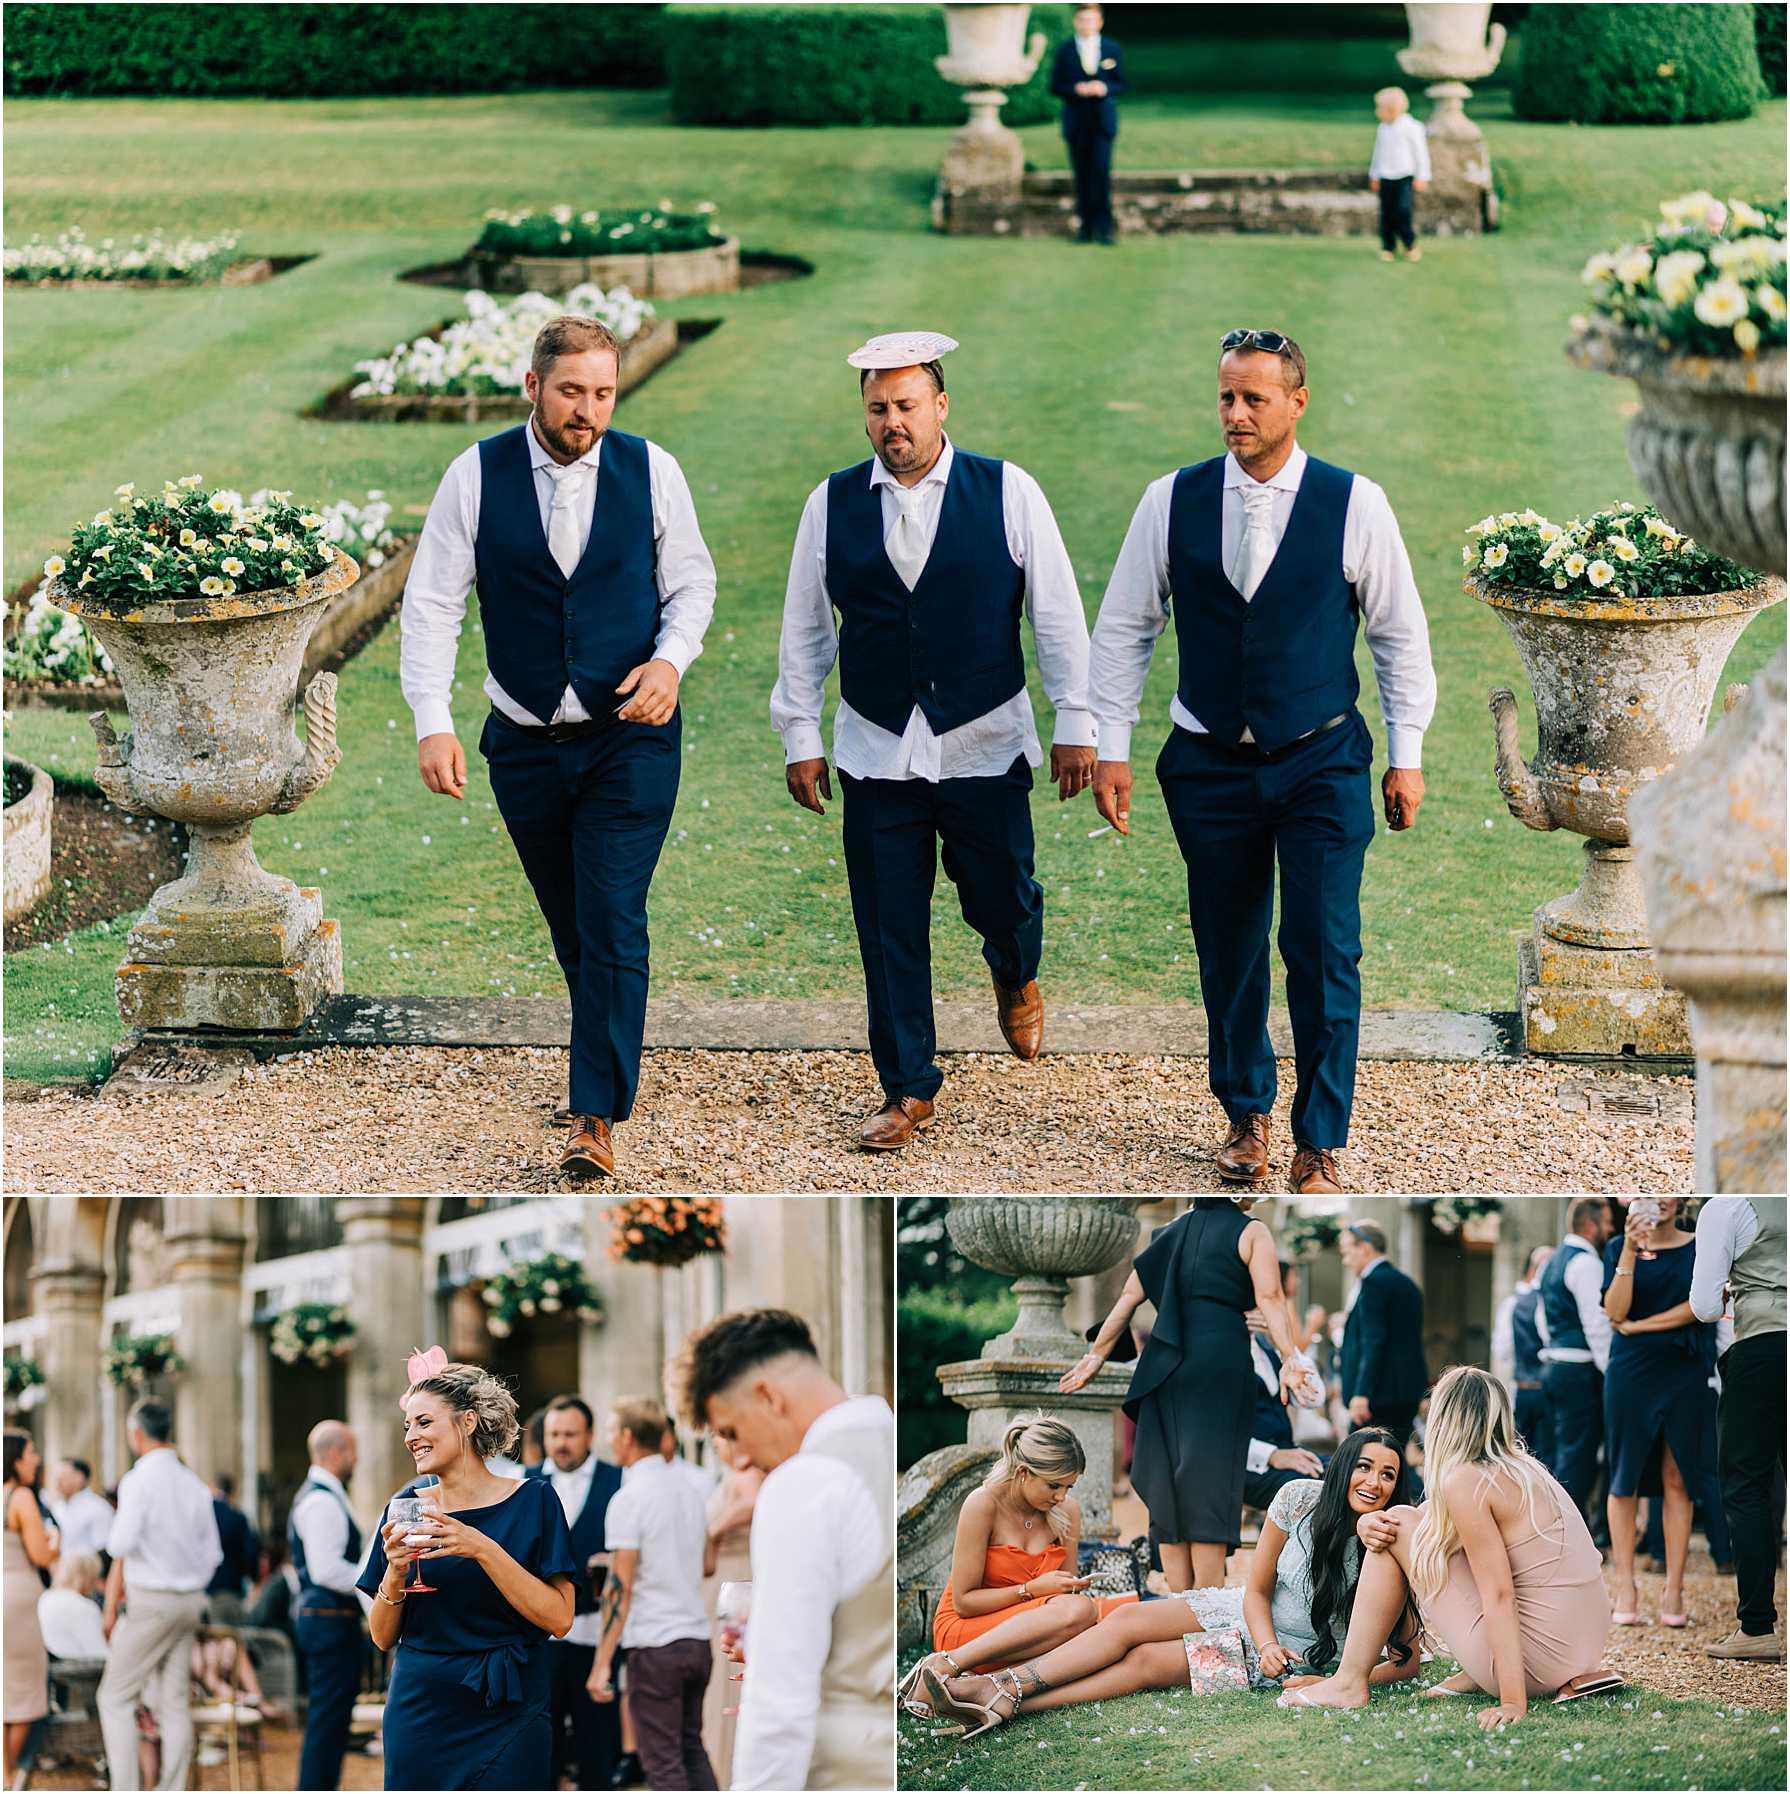 guests having fun at a wedding